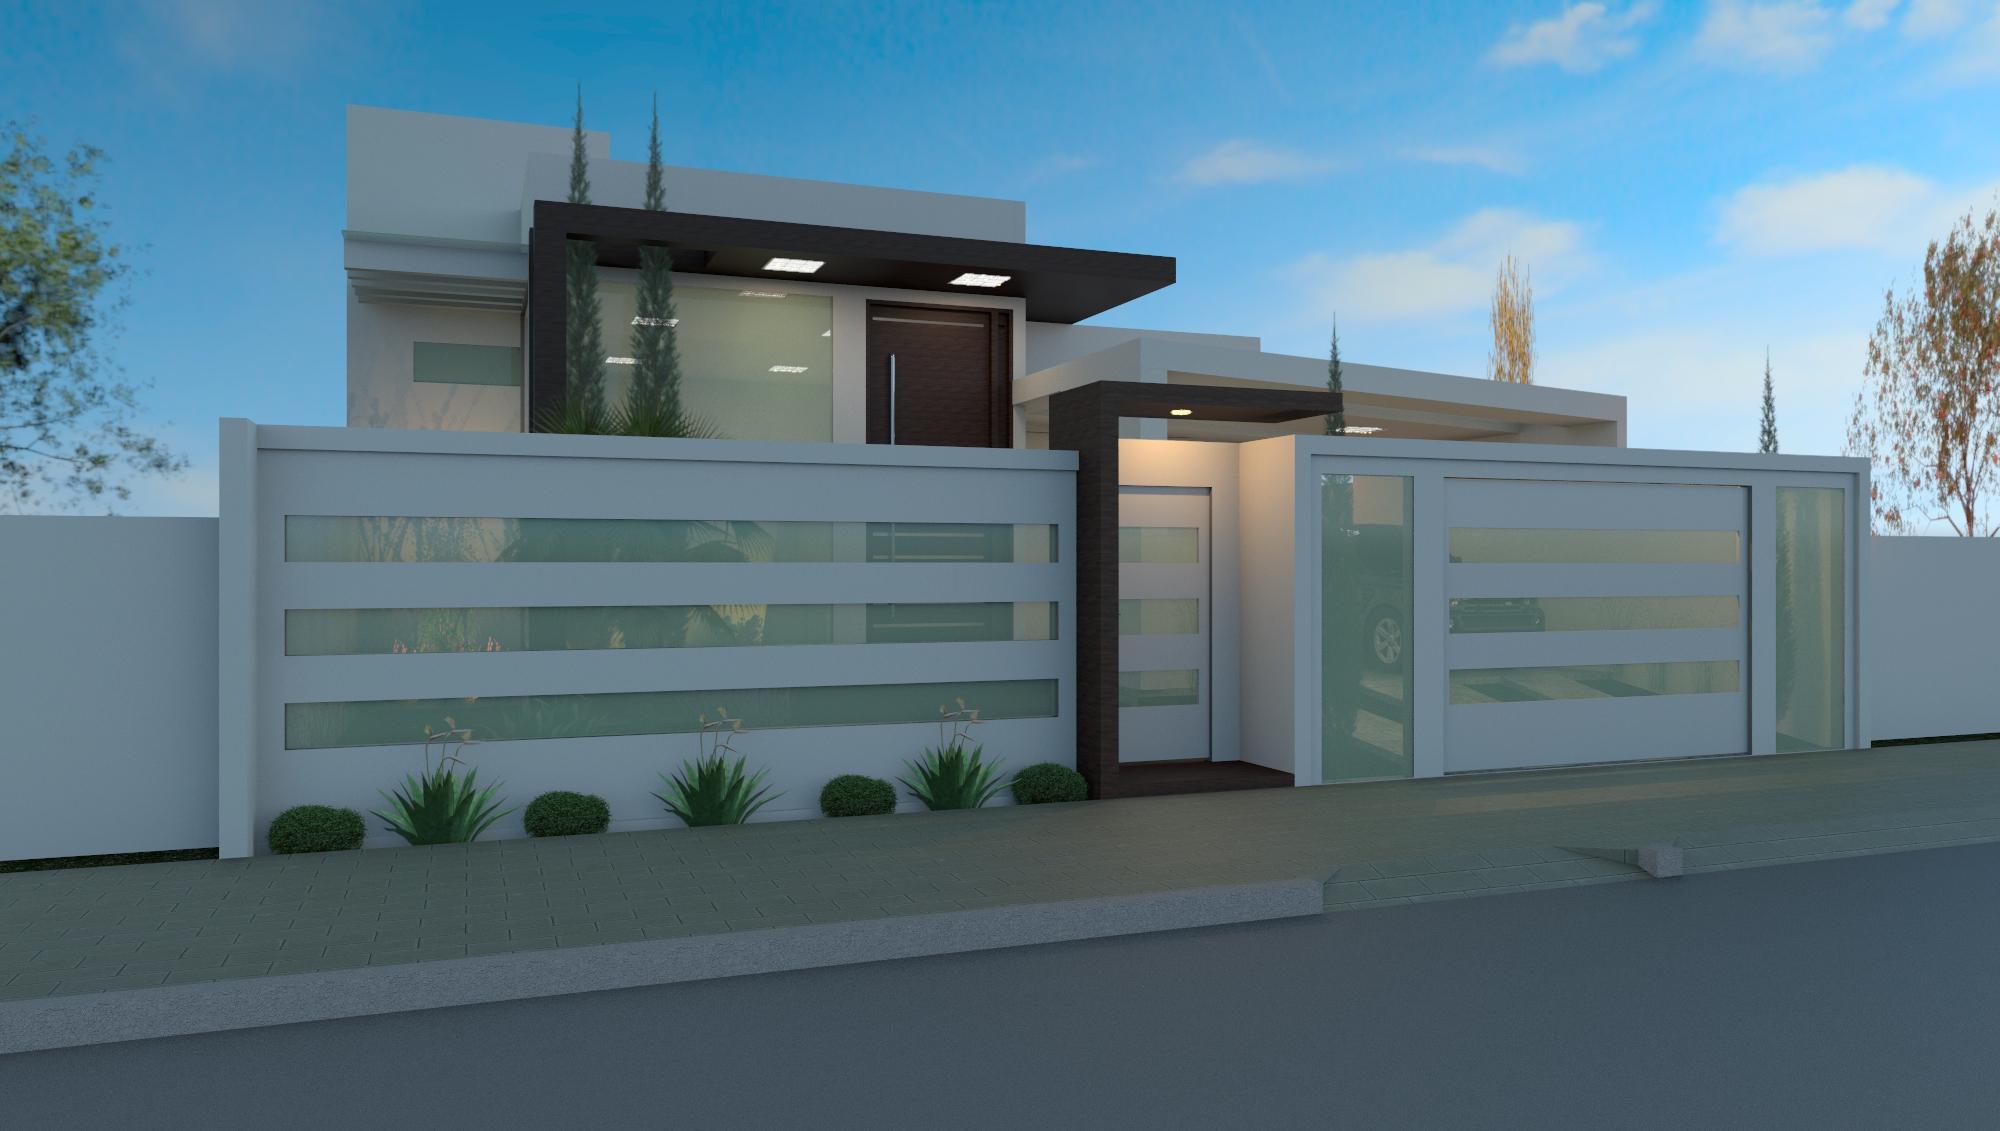 49 modelos de muros e fachadas residenciais for Modelo de fachadas para casas modernas